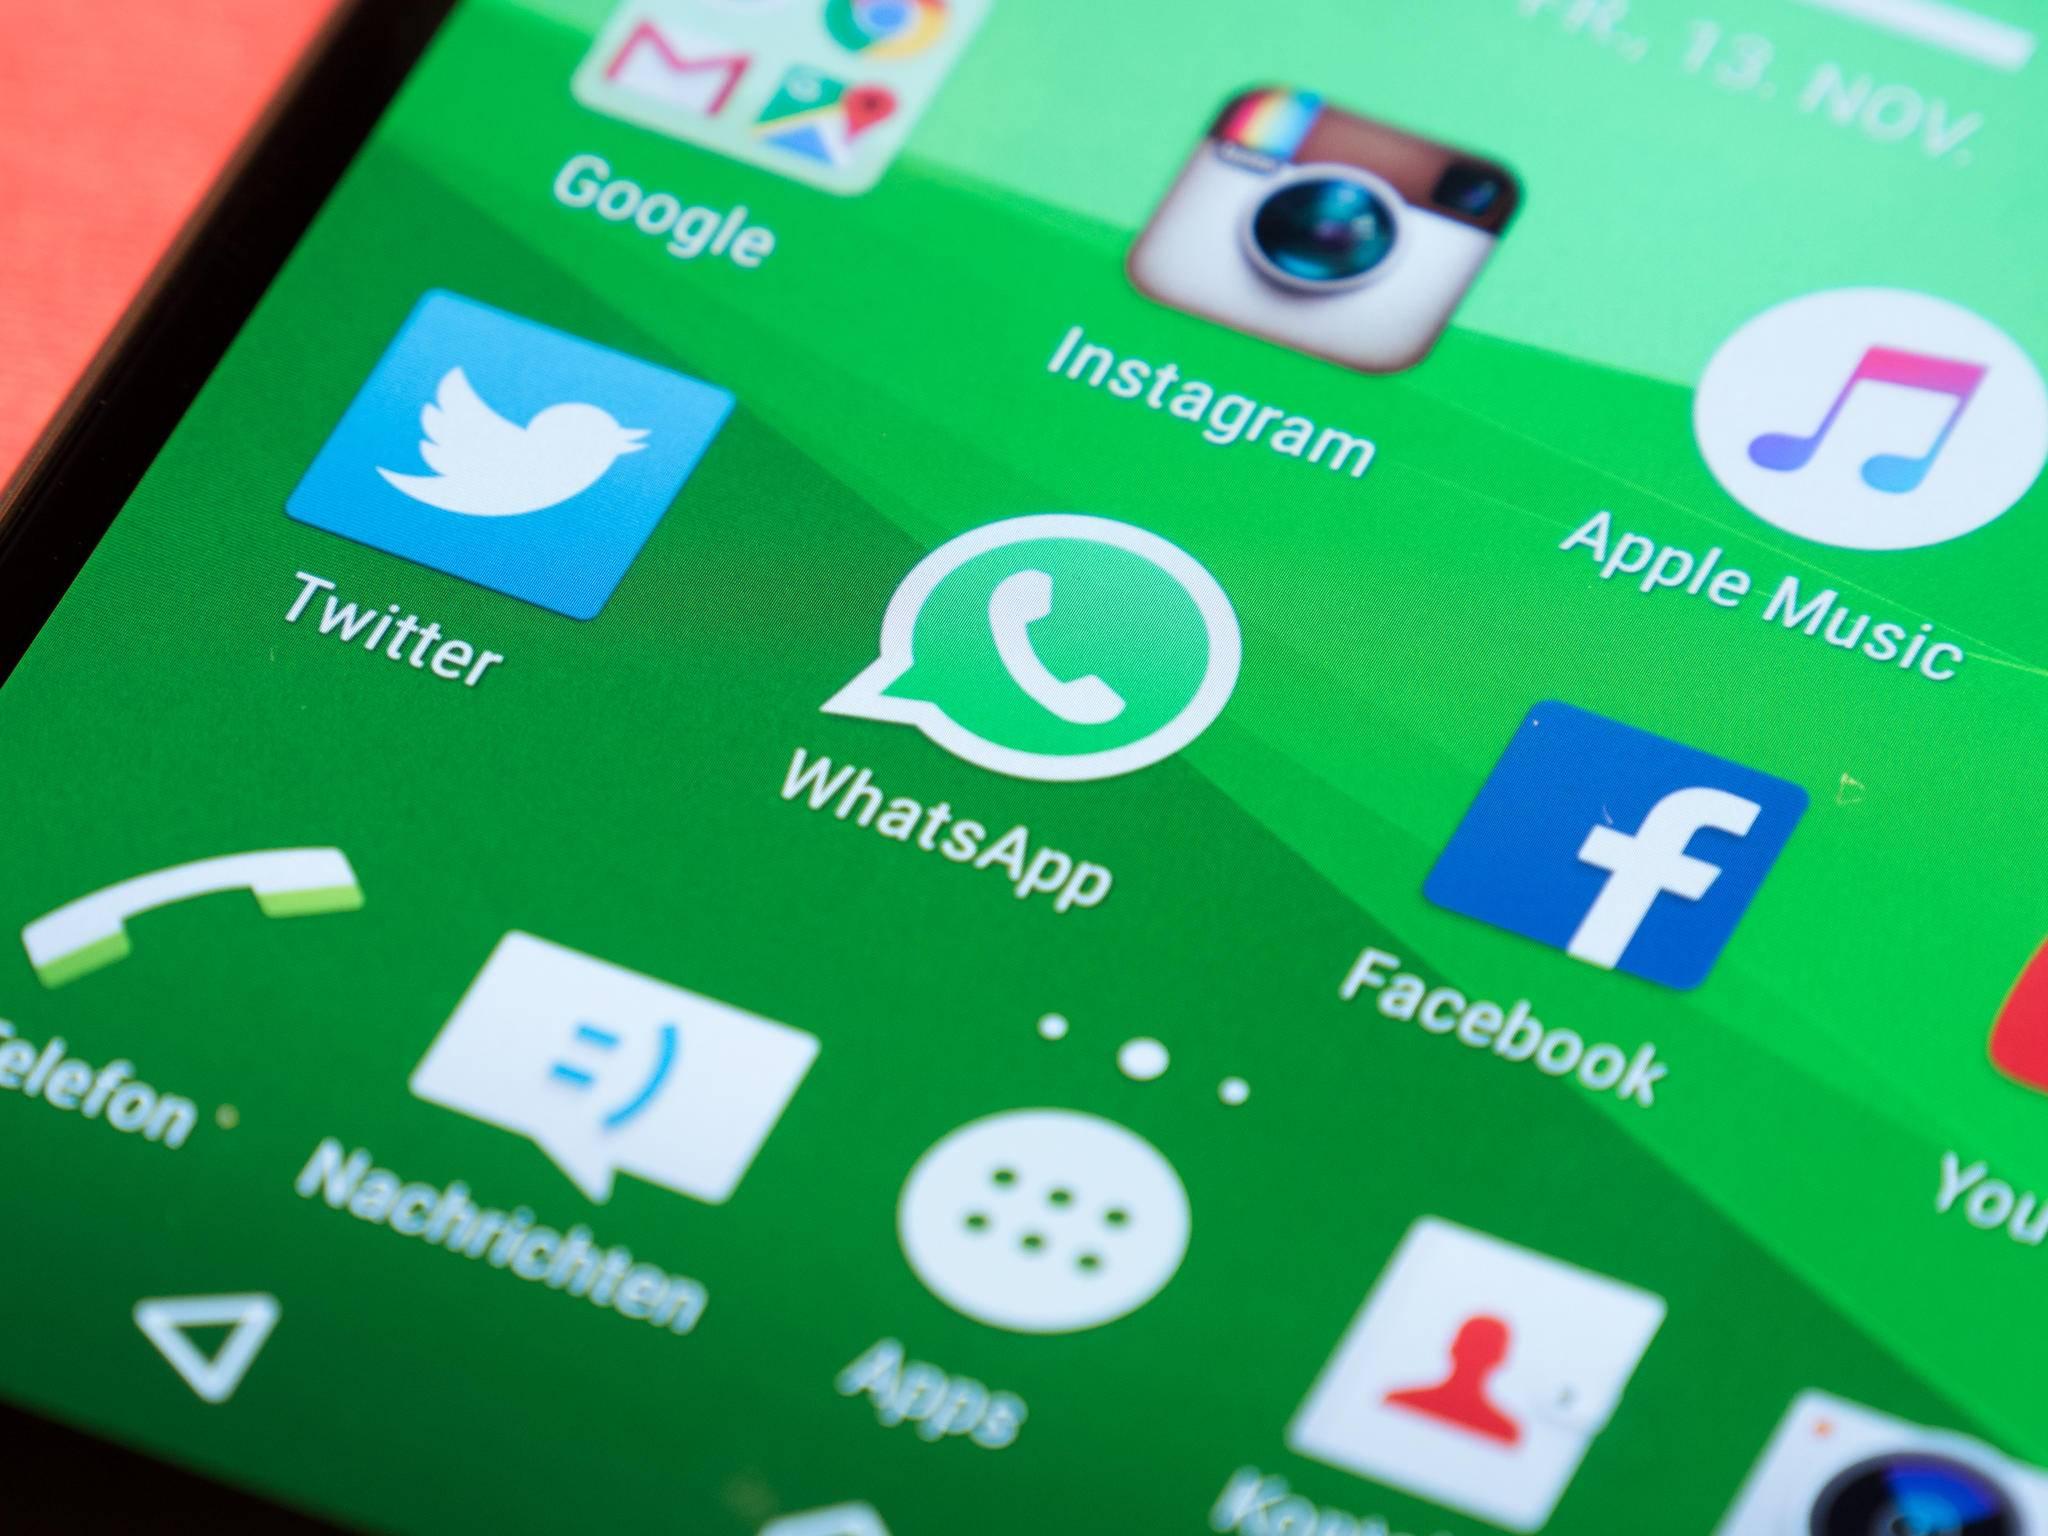 WhatsApp startet ein offizielles Beta-Testprogramm für Android-User.